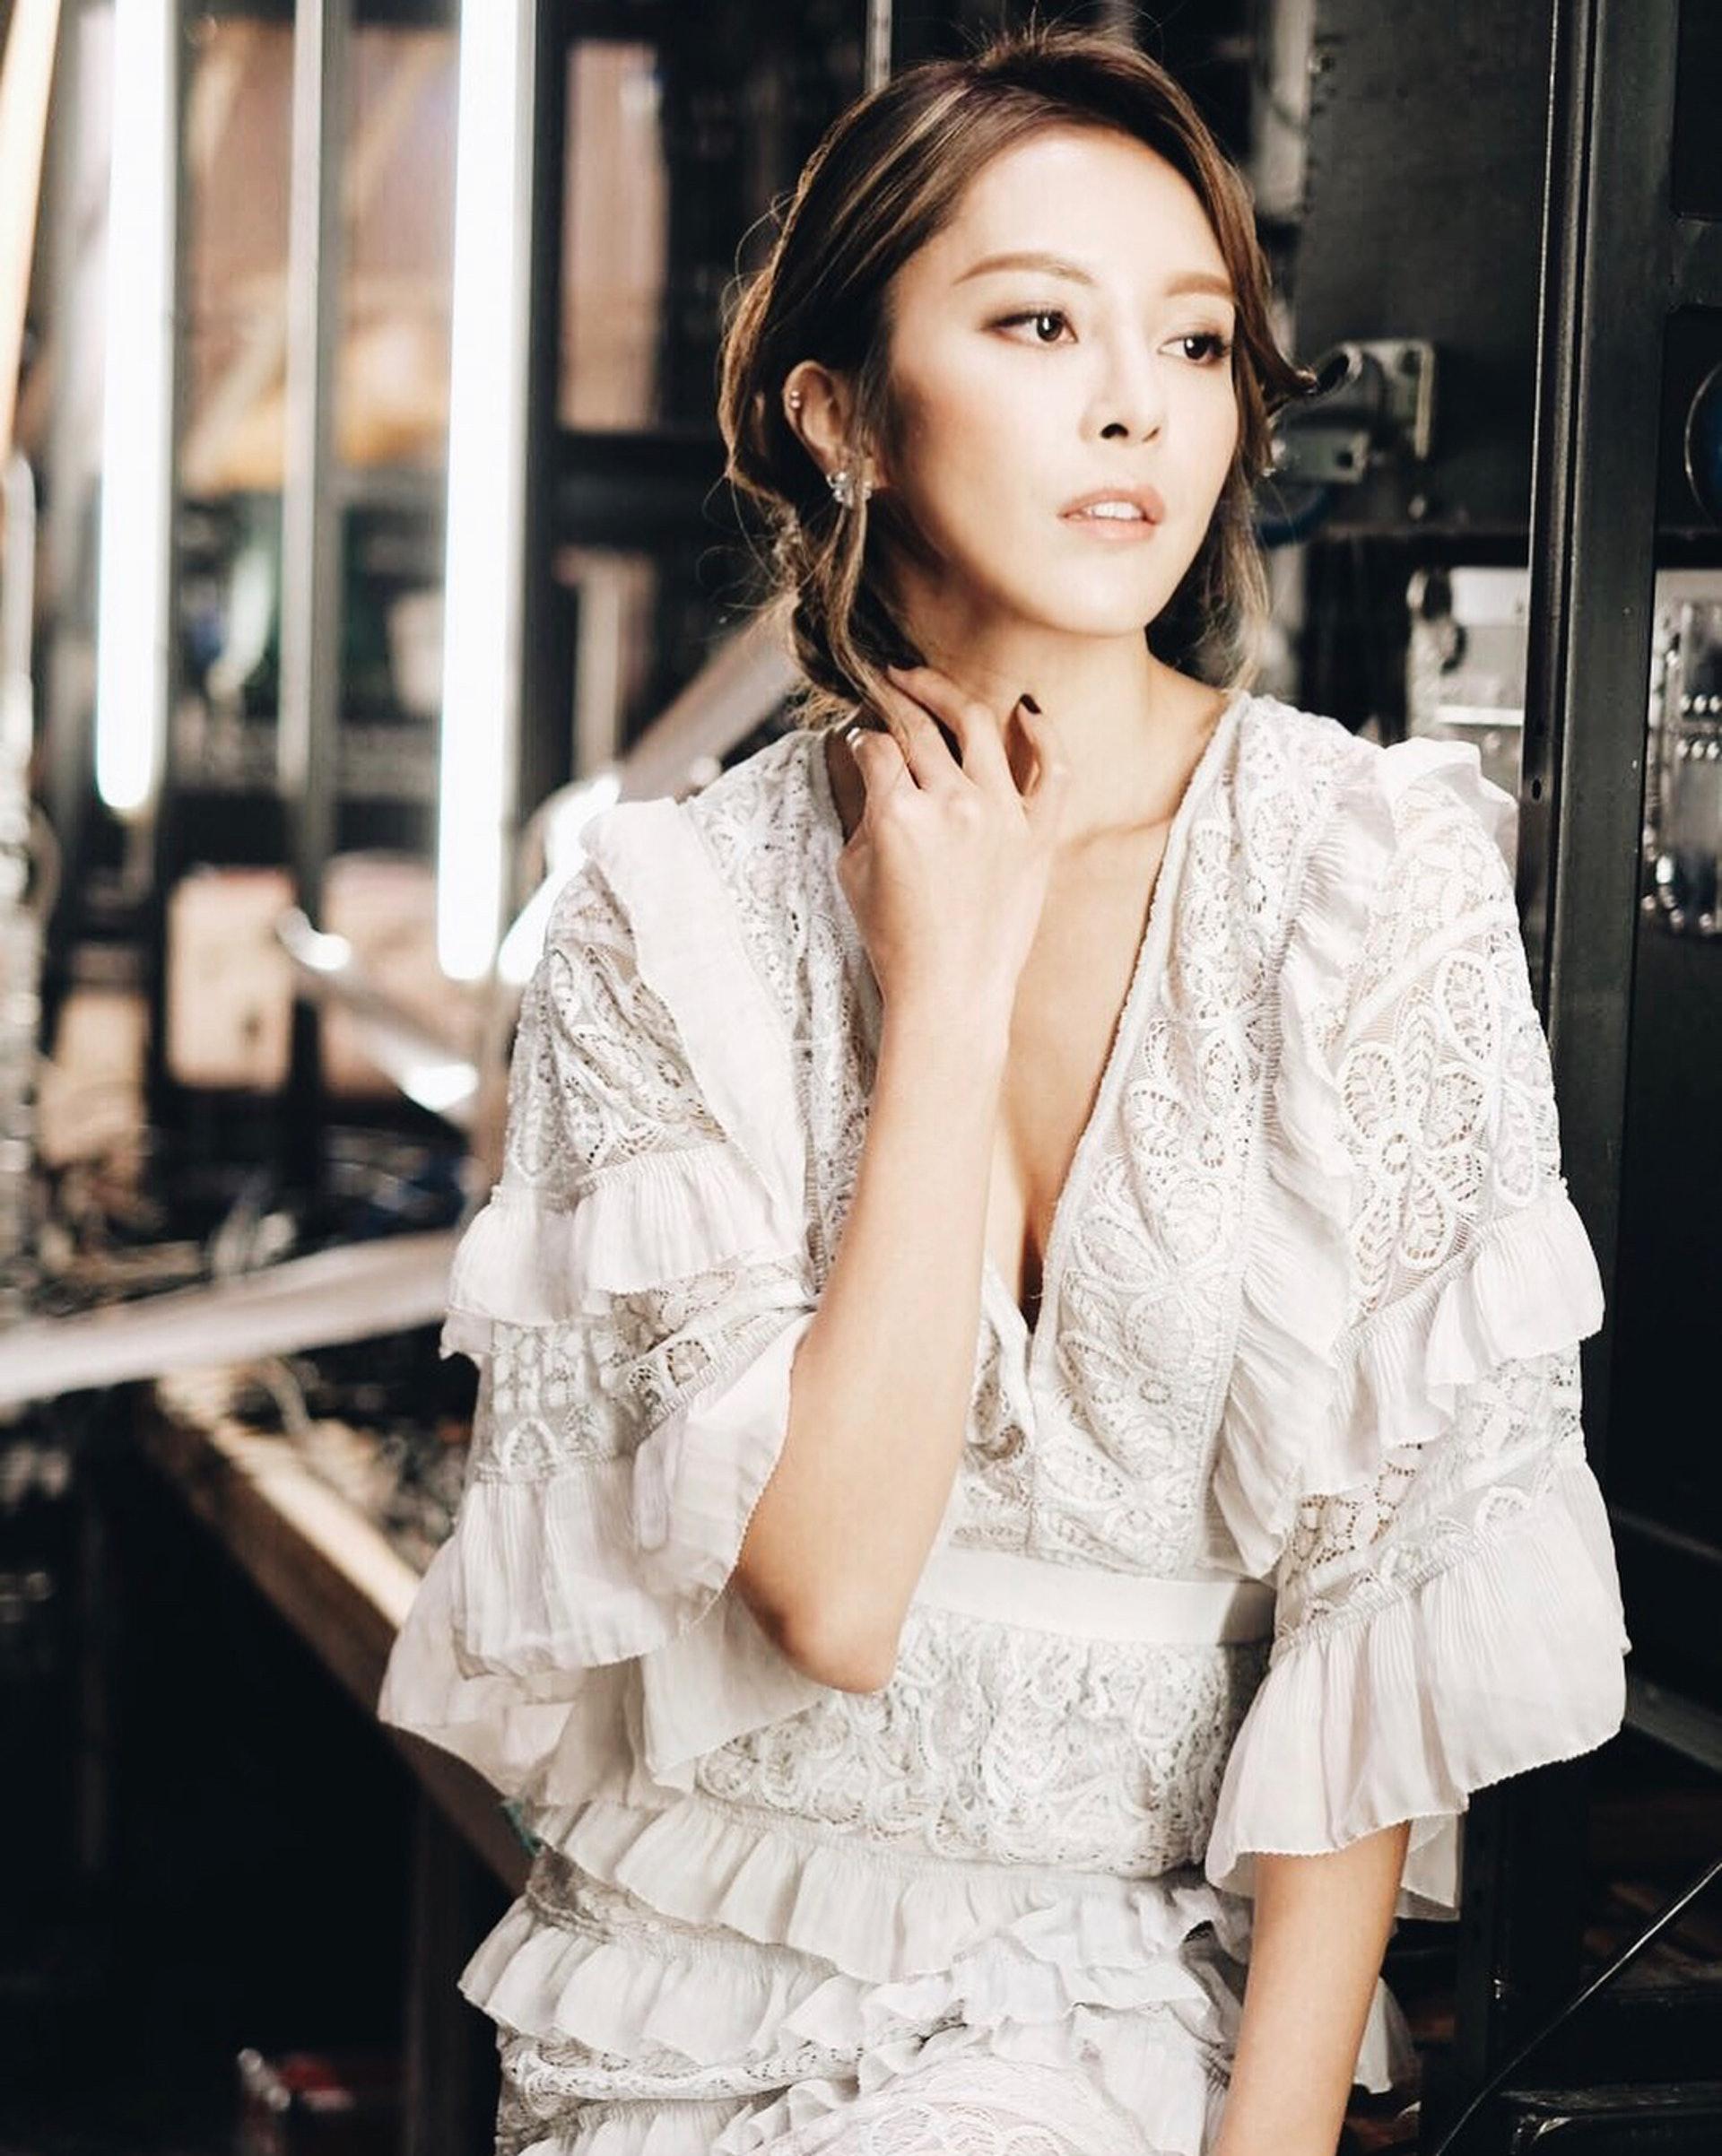 張曦雯(Kelly)憑出色的外貌與衣著打扮吸引一班粉絲支持。(kelllycheung@Instagram)